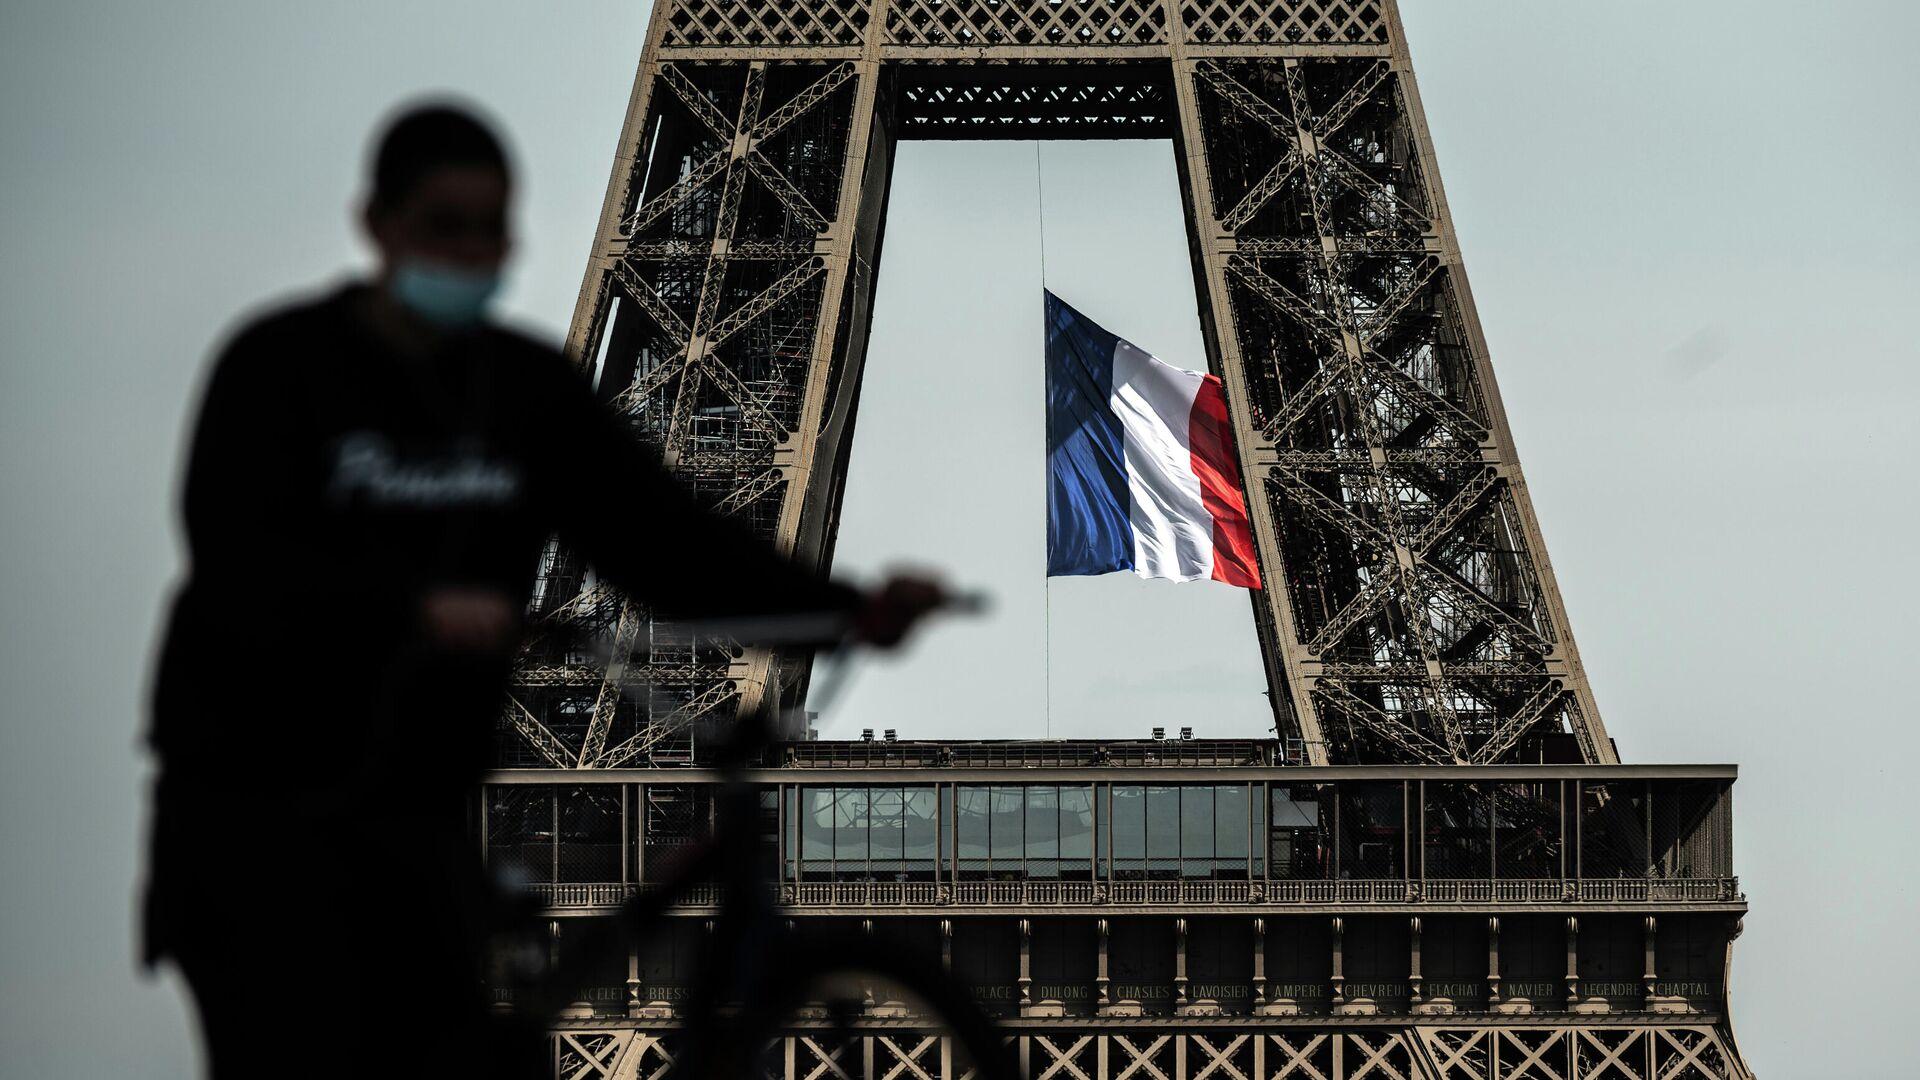 Мужчина проезжает мимо Эйфелевой башни в Париже  - РИА Новости, 1920, 29.10.2020